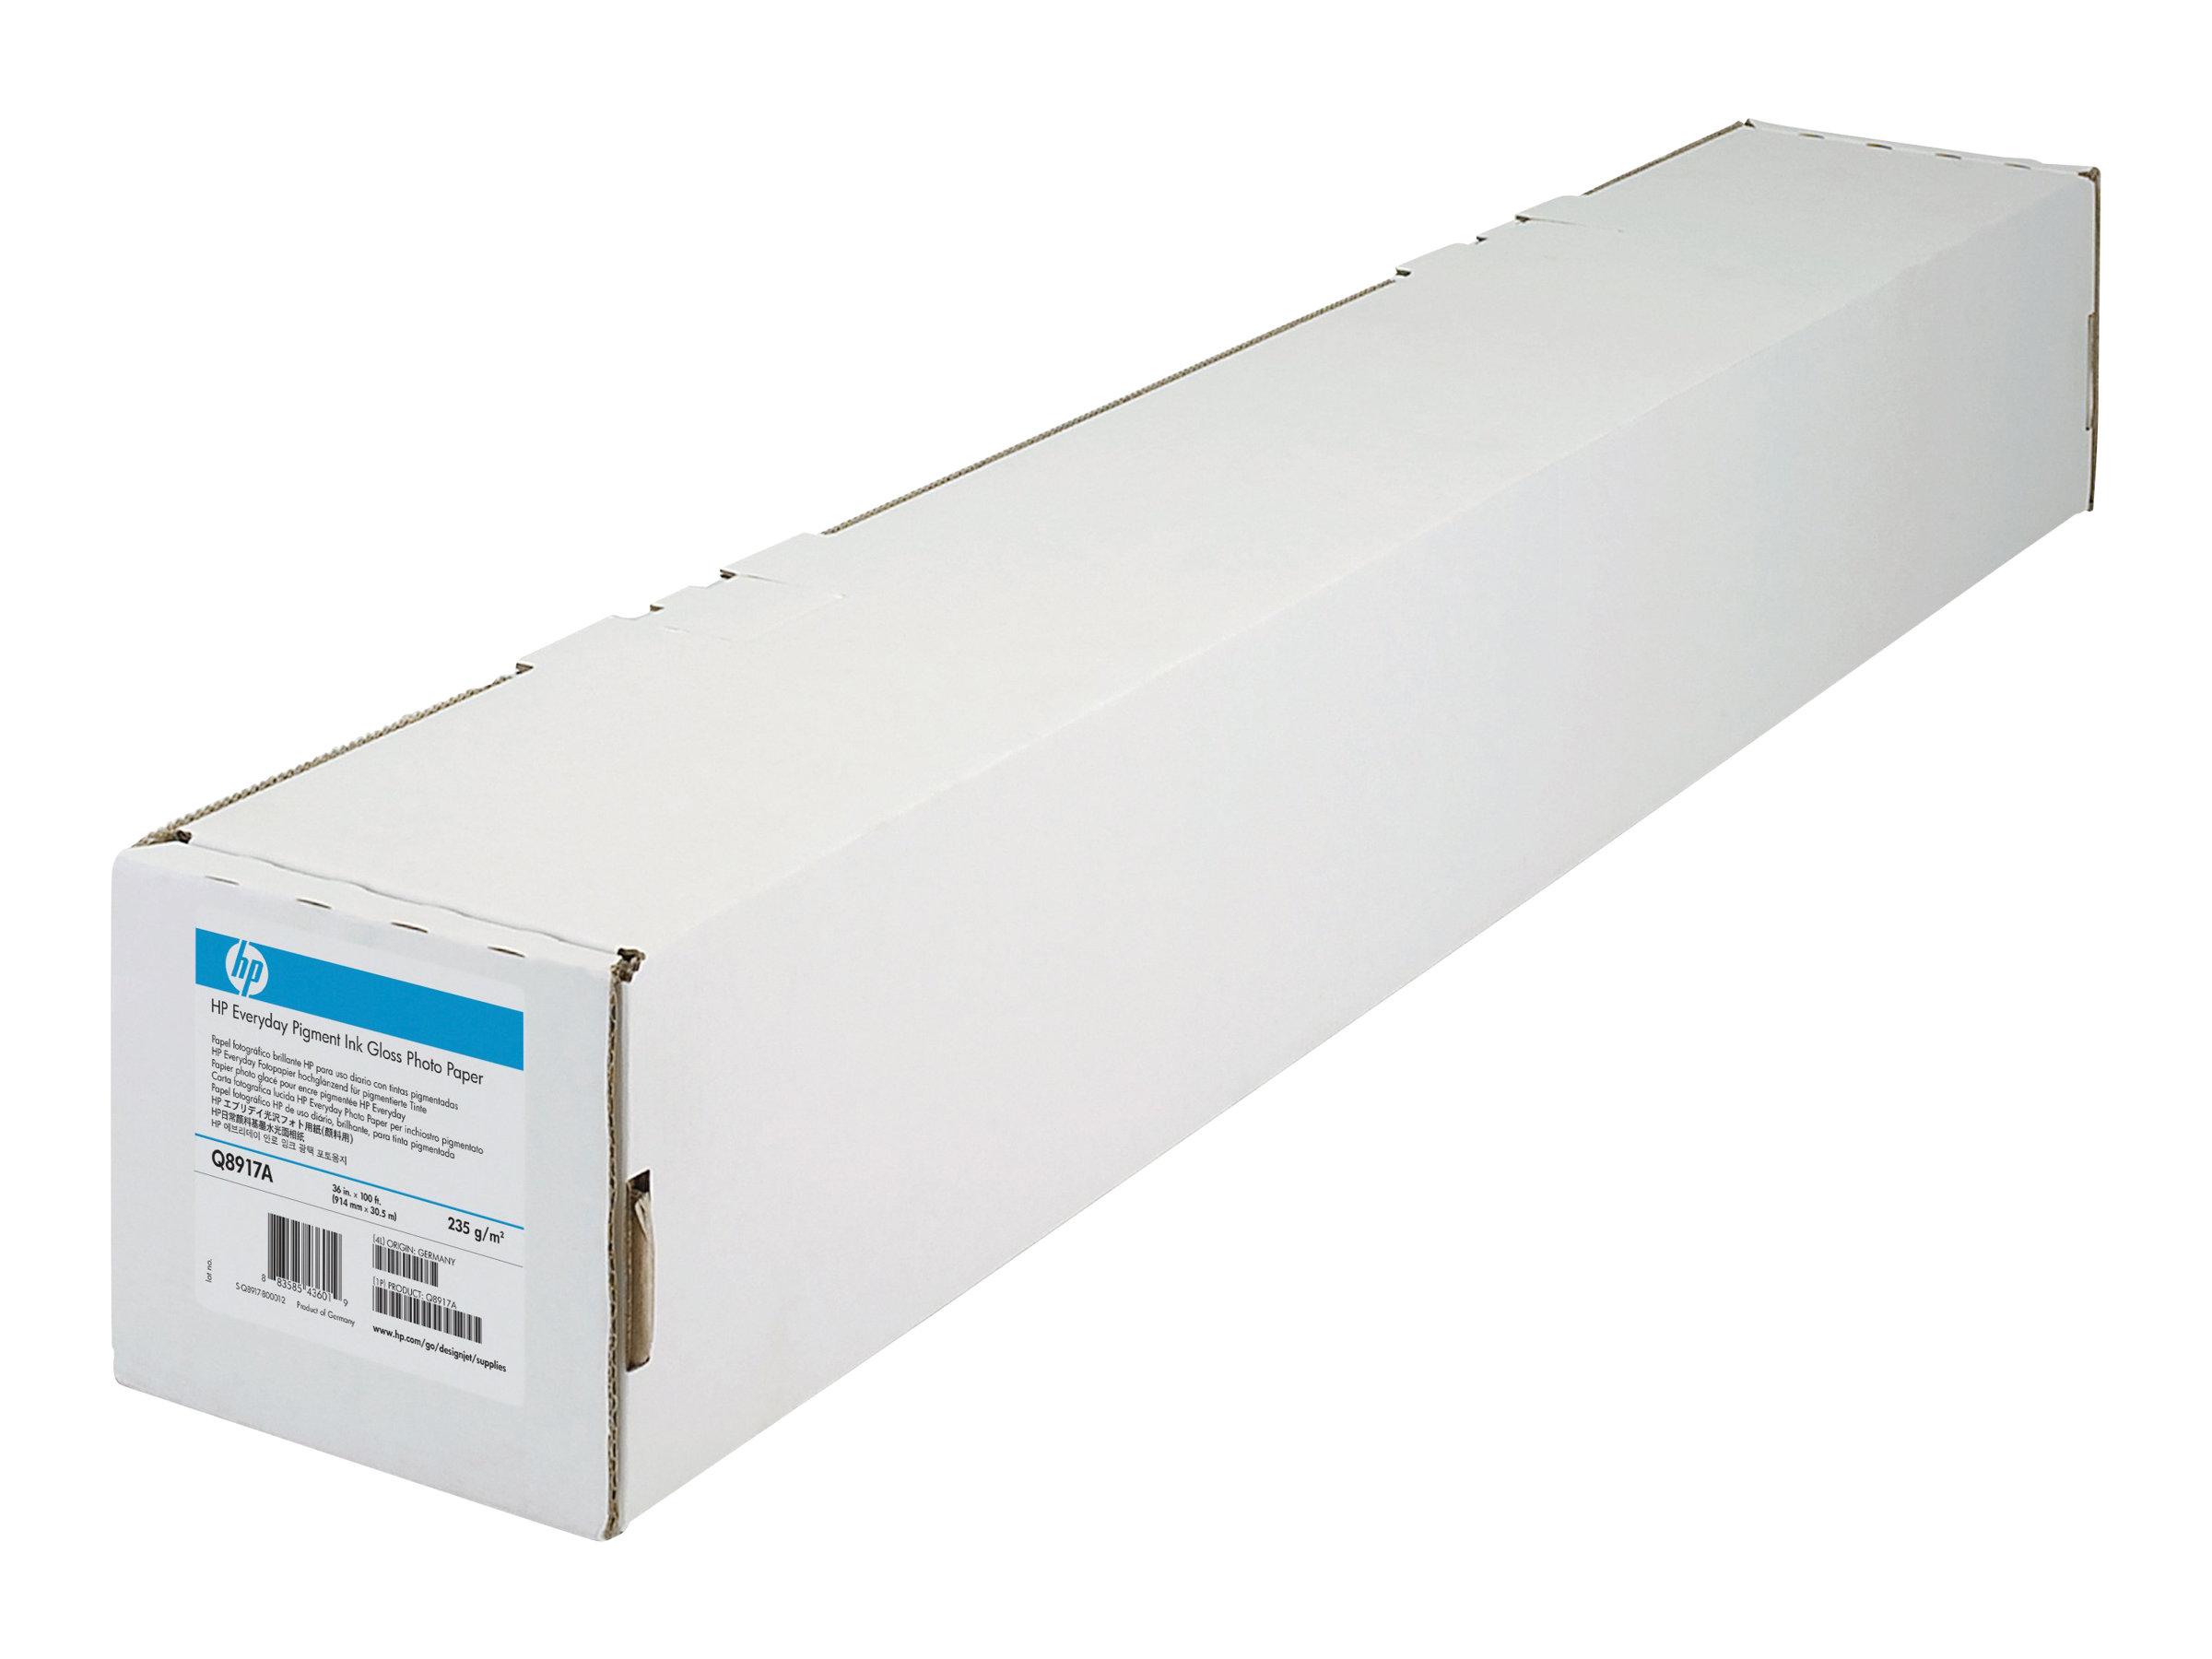 HP Super Heavyweight Plus Matte Paper